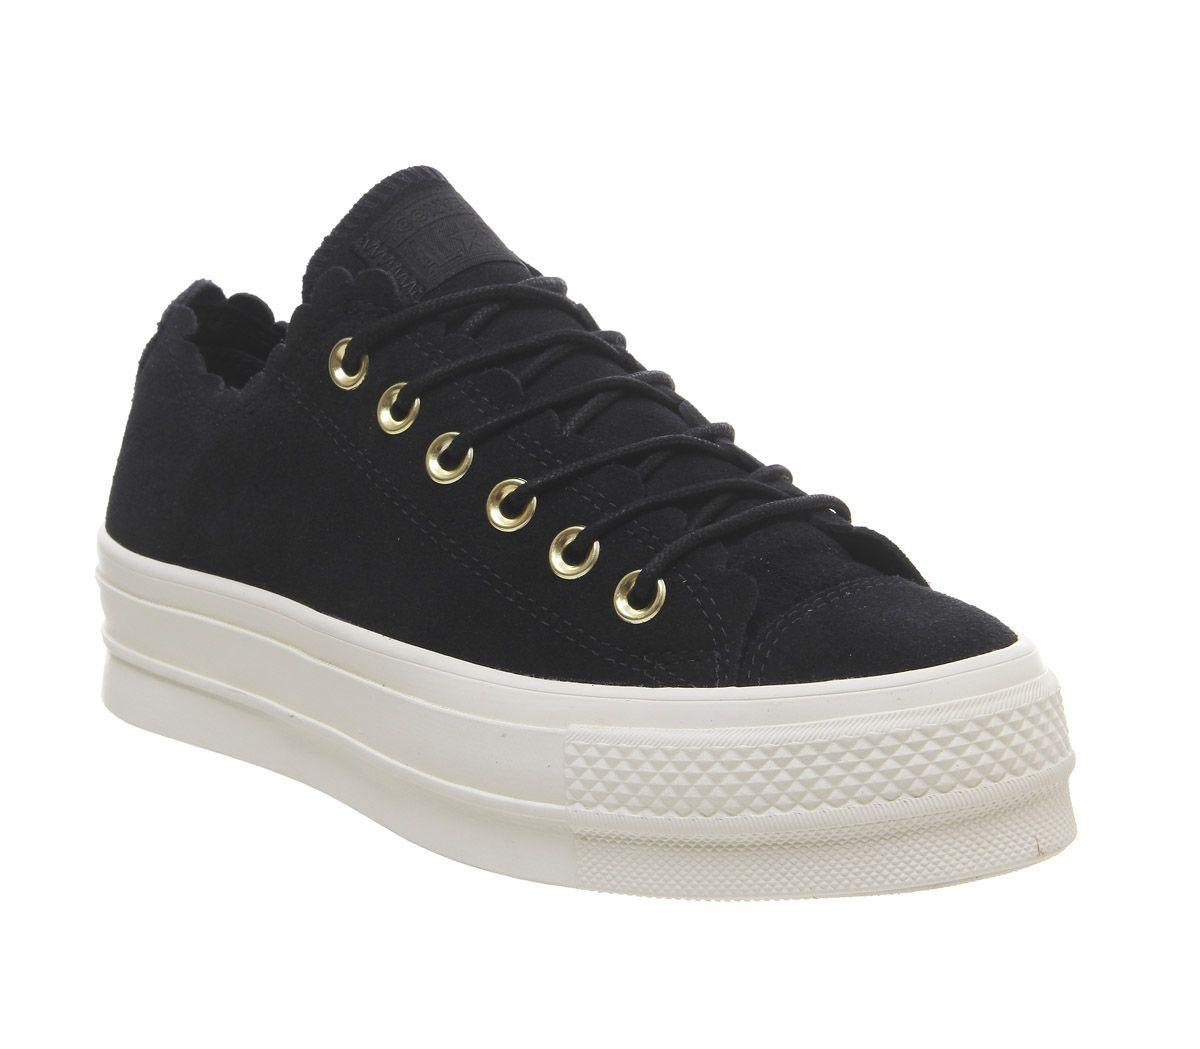 a6f7857ca6275a Détails sur Femmes Converse All Star Bas Chaussures Plateforme Doré Noir  Egret à Volants